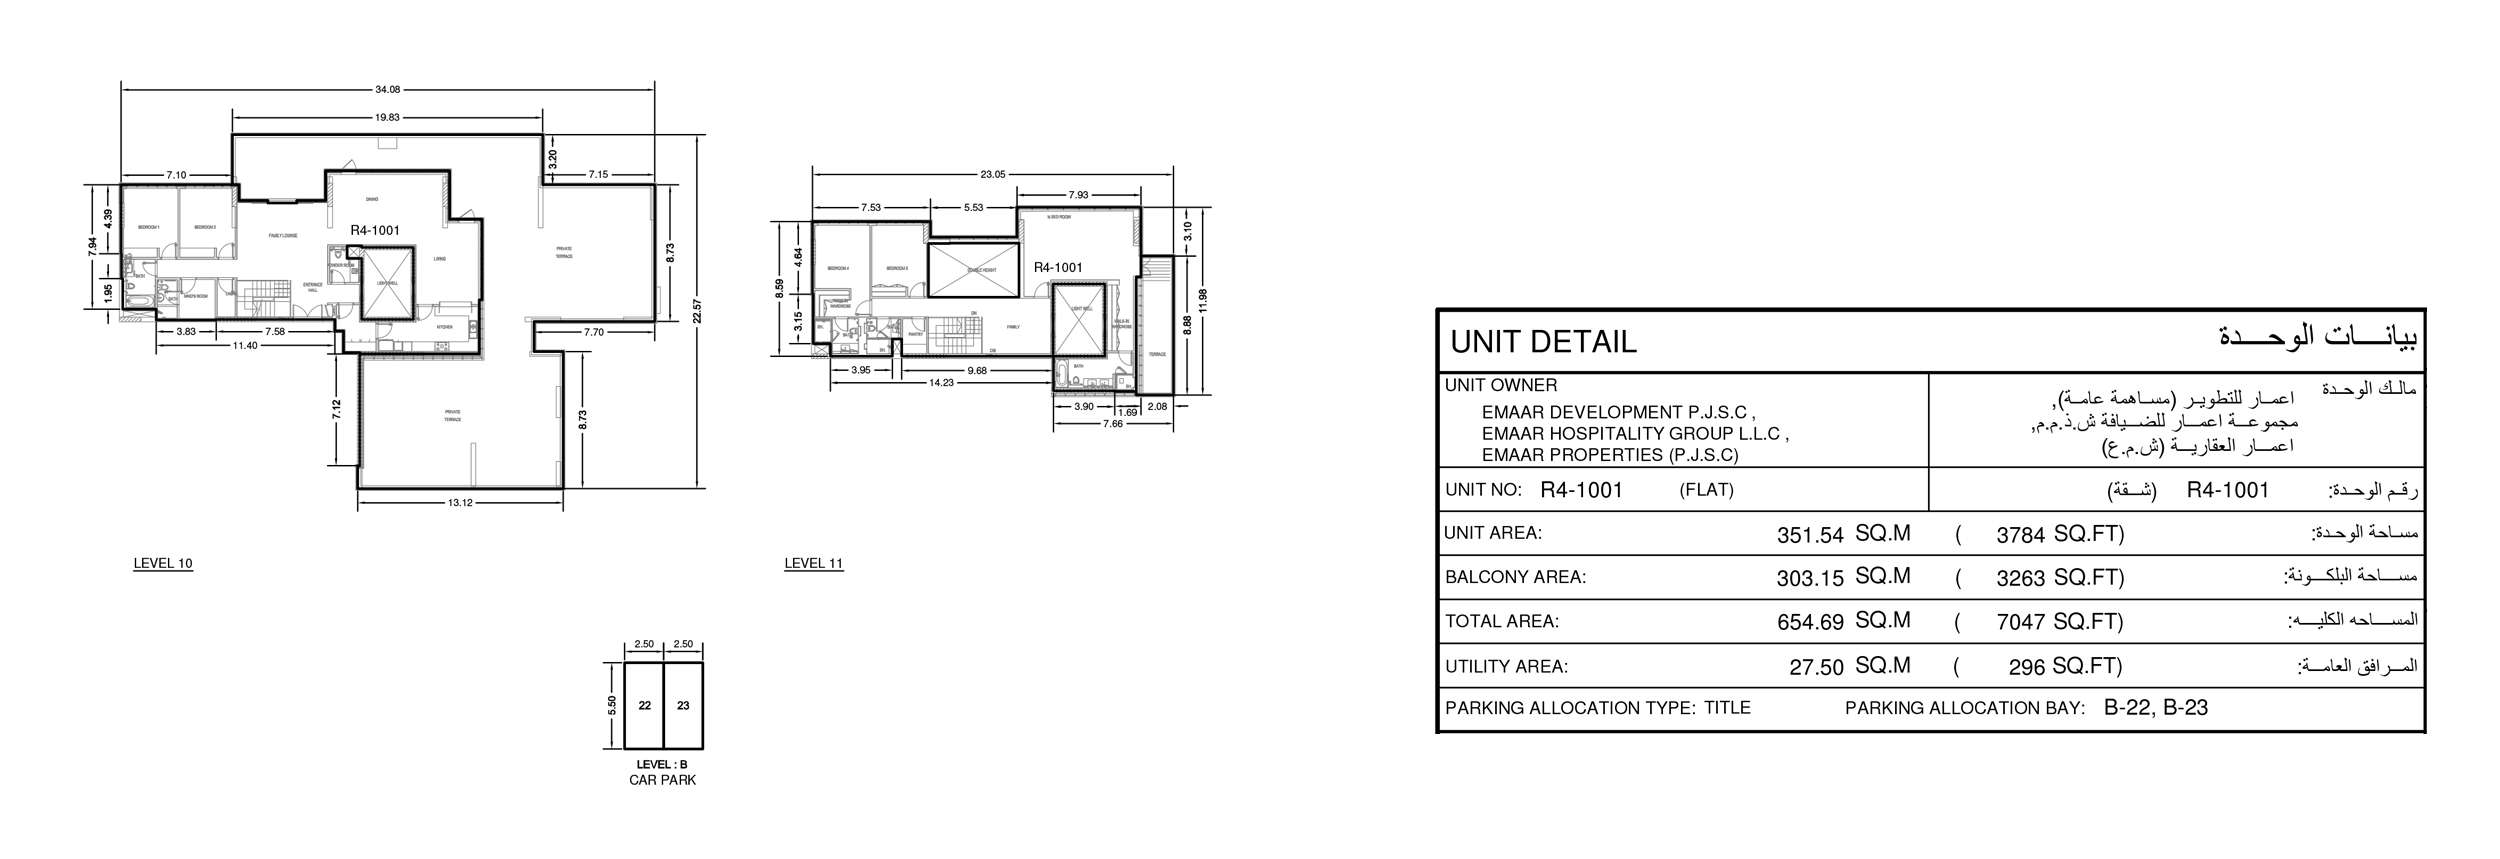 تخطيط الطابق الأول